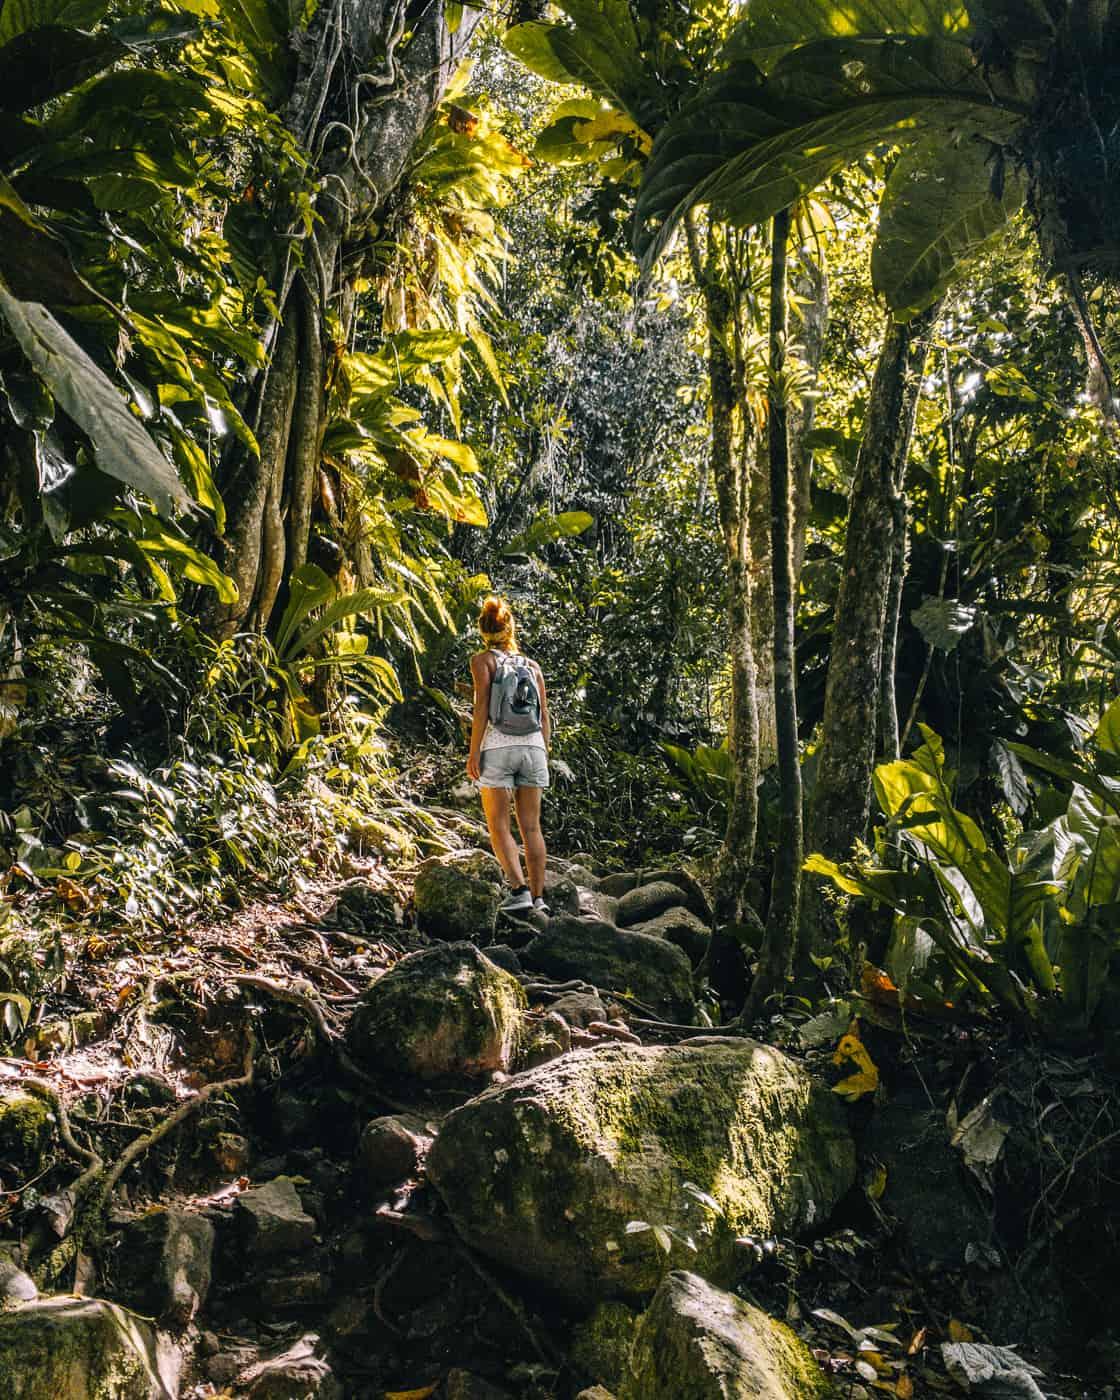 Saint Lucia - Tipps, Sehenswürdigkeiten, Strände & Ausflugsziele auf der Karibik-Insel: Gros Piton